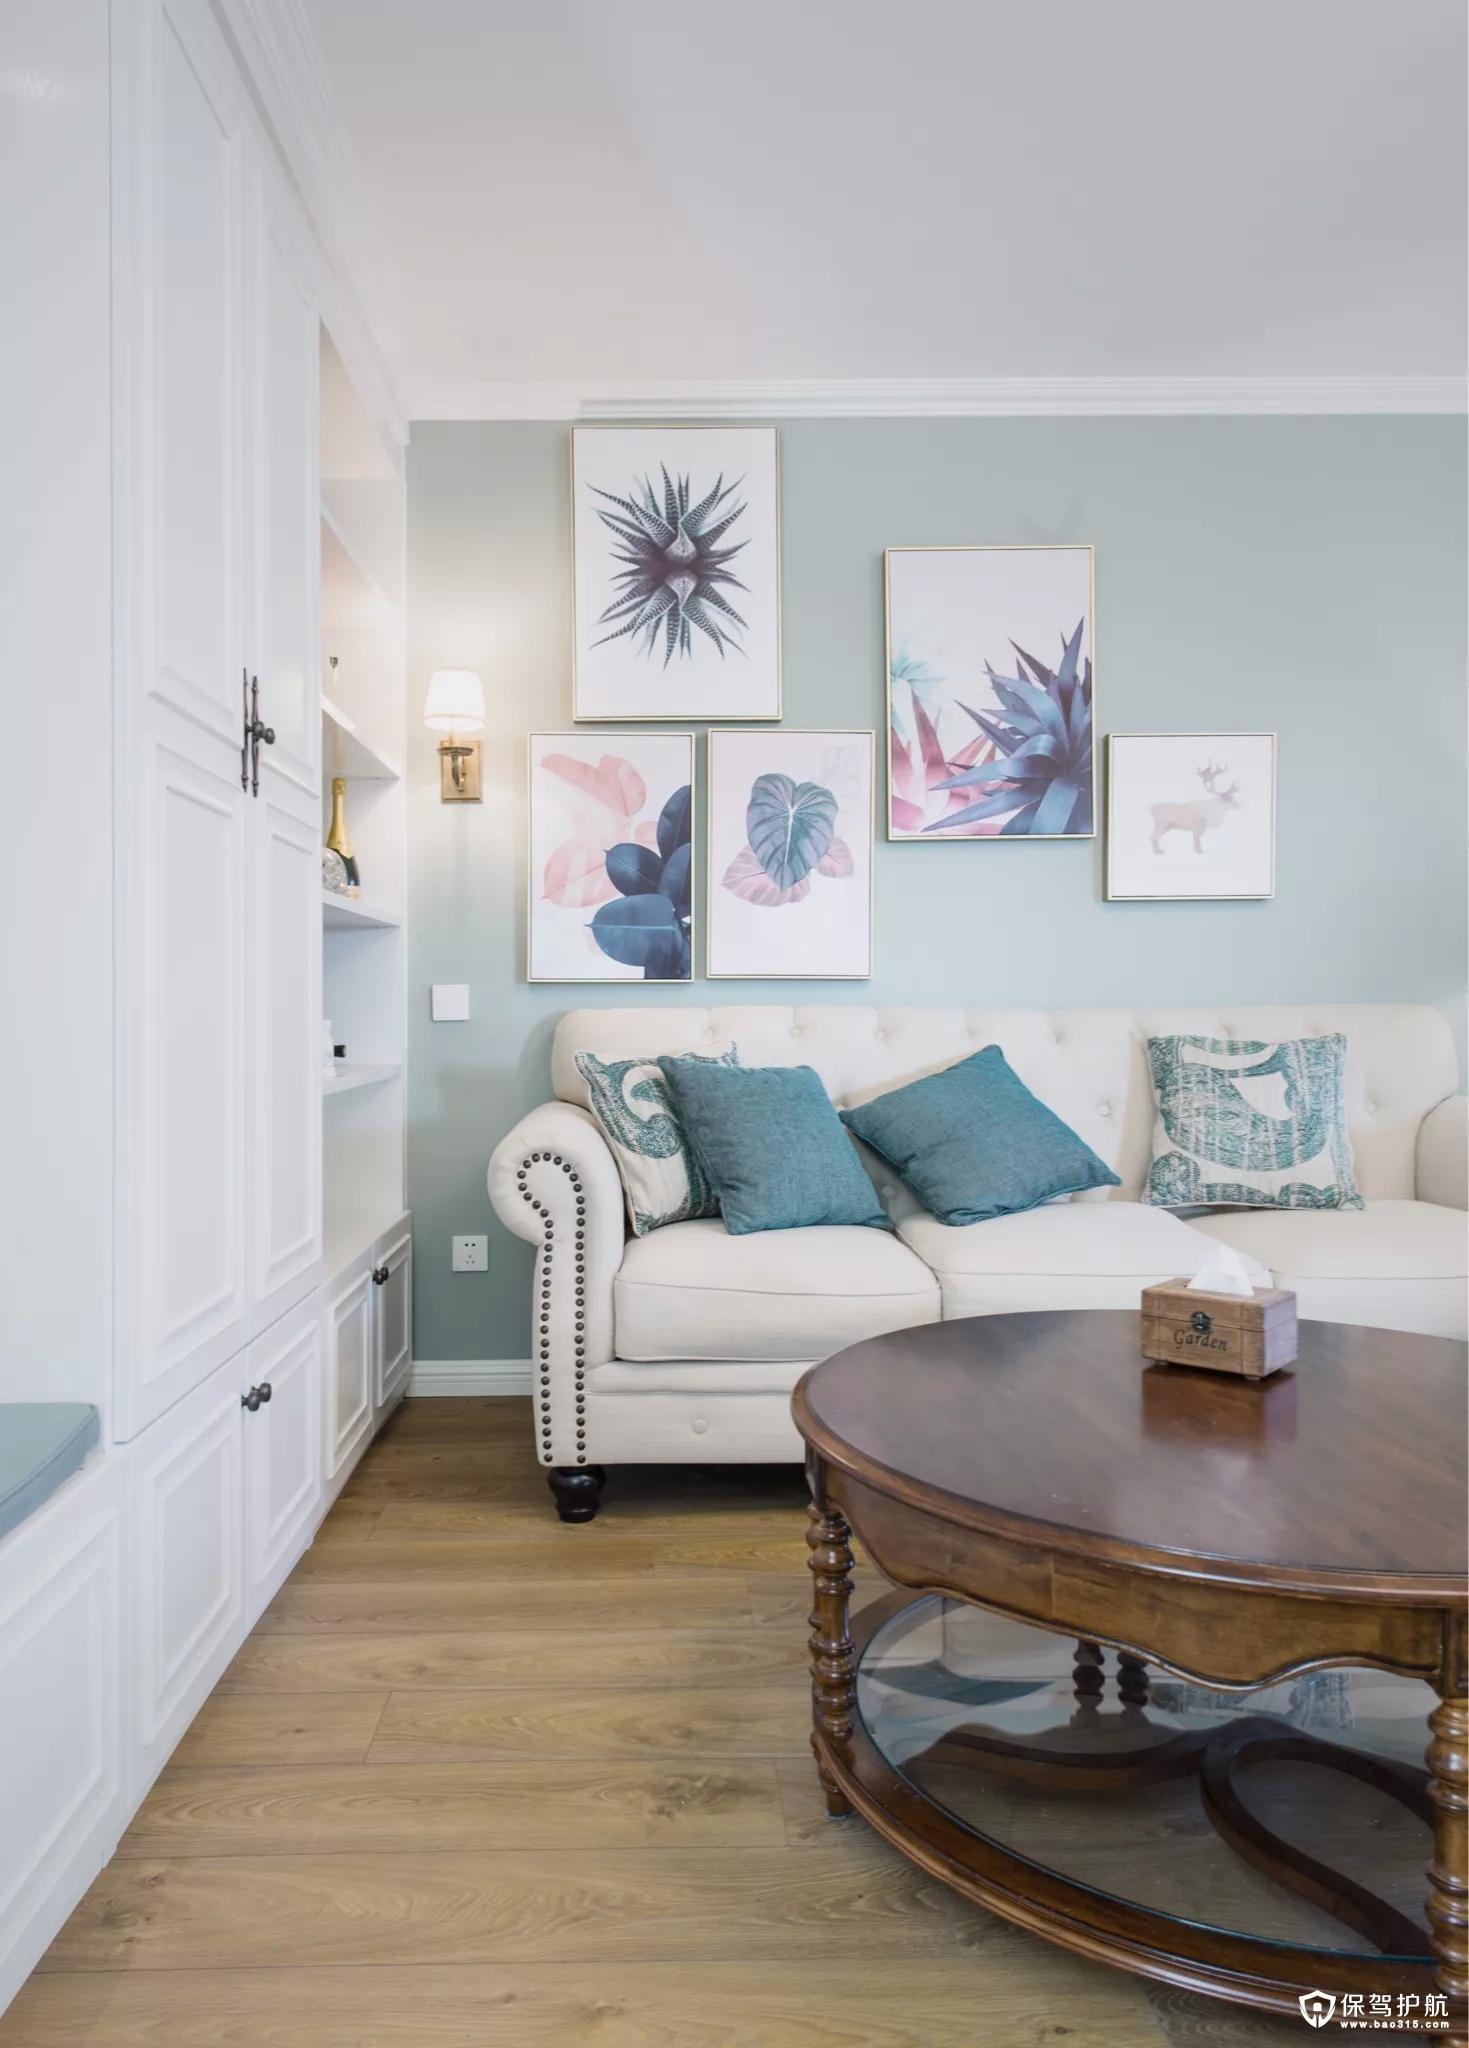 沙发墙在淡蓝色的空间基础,挂上几张清新文艺的装饰画,结合上舒适现代的美式布艺沙发,并在沙发墙角落装一盏壁灯,整个空间层次丰富、没感十足。